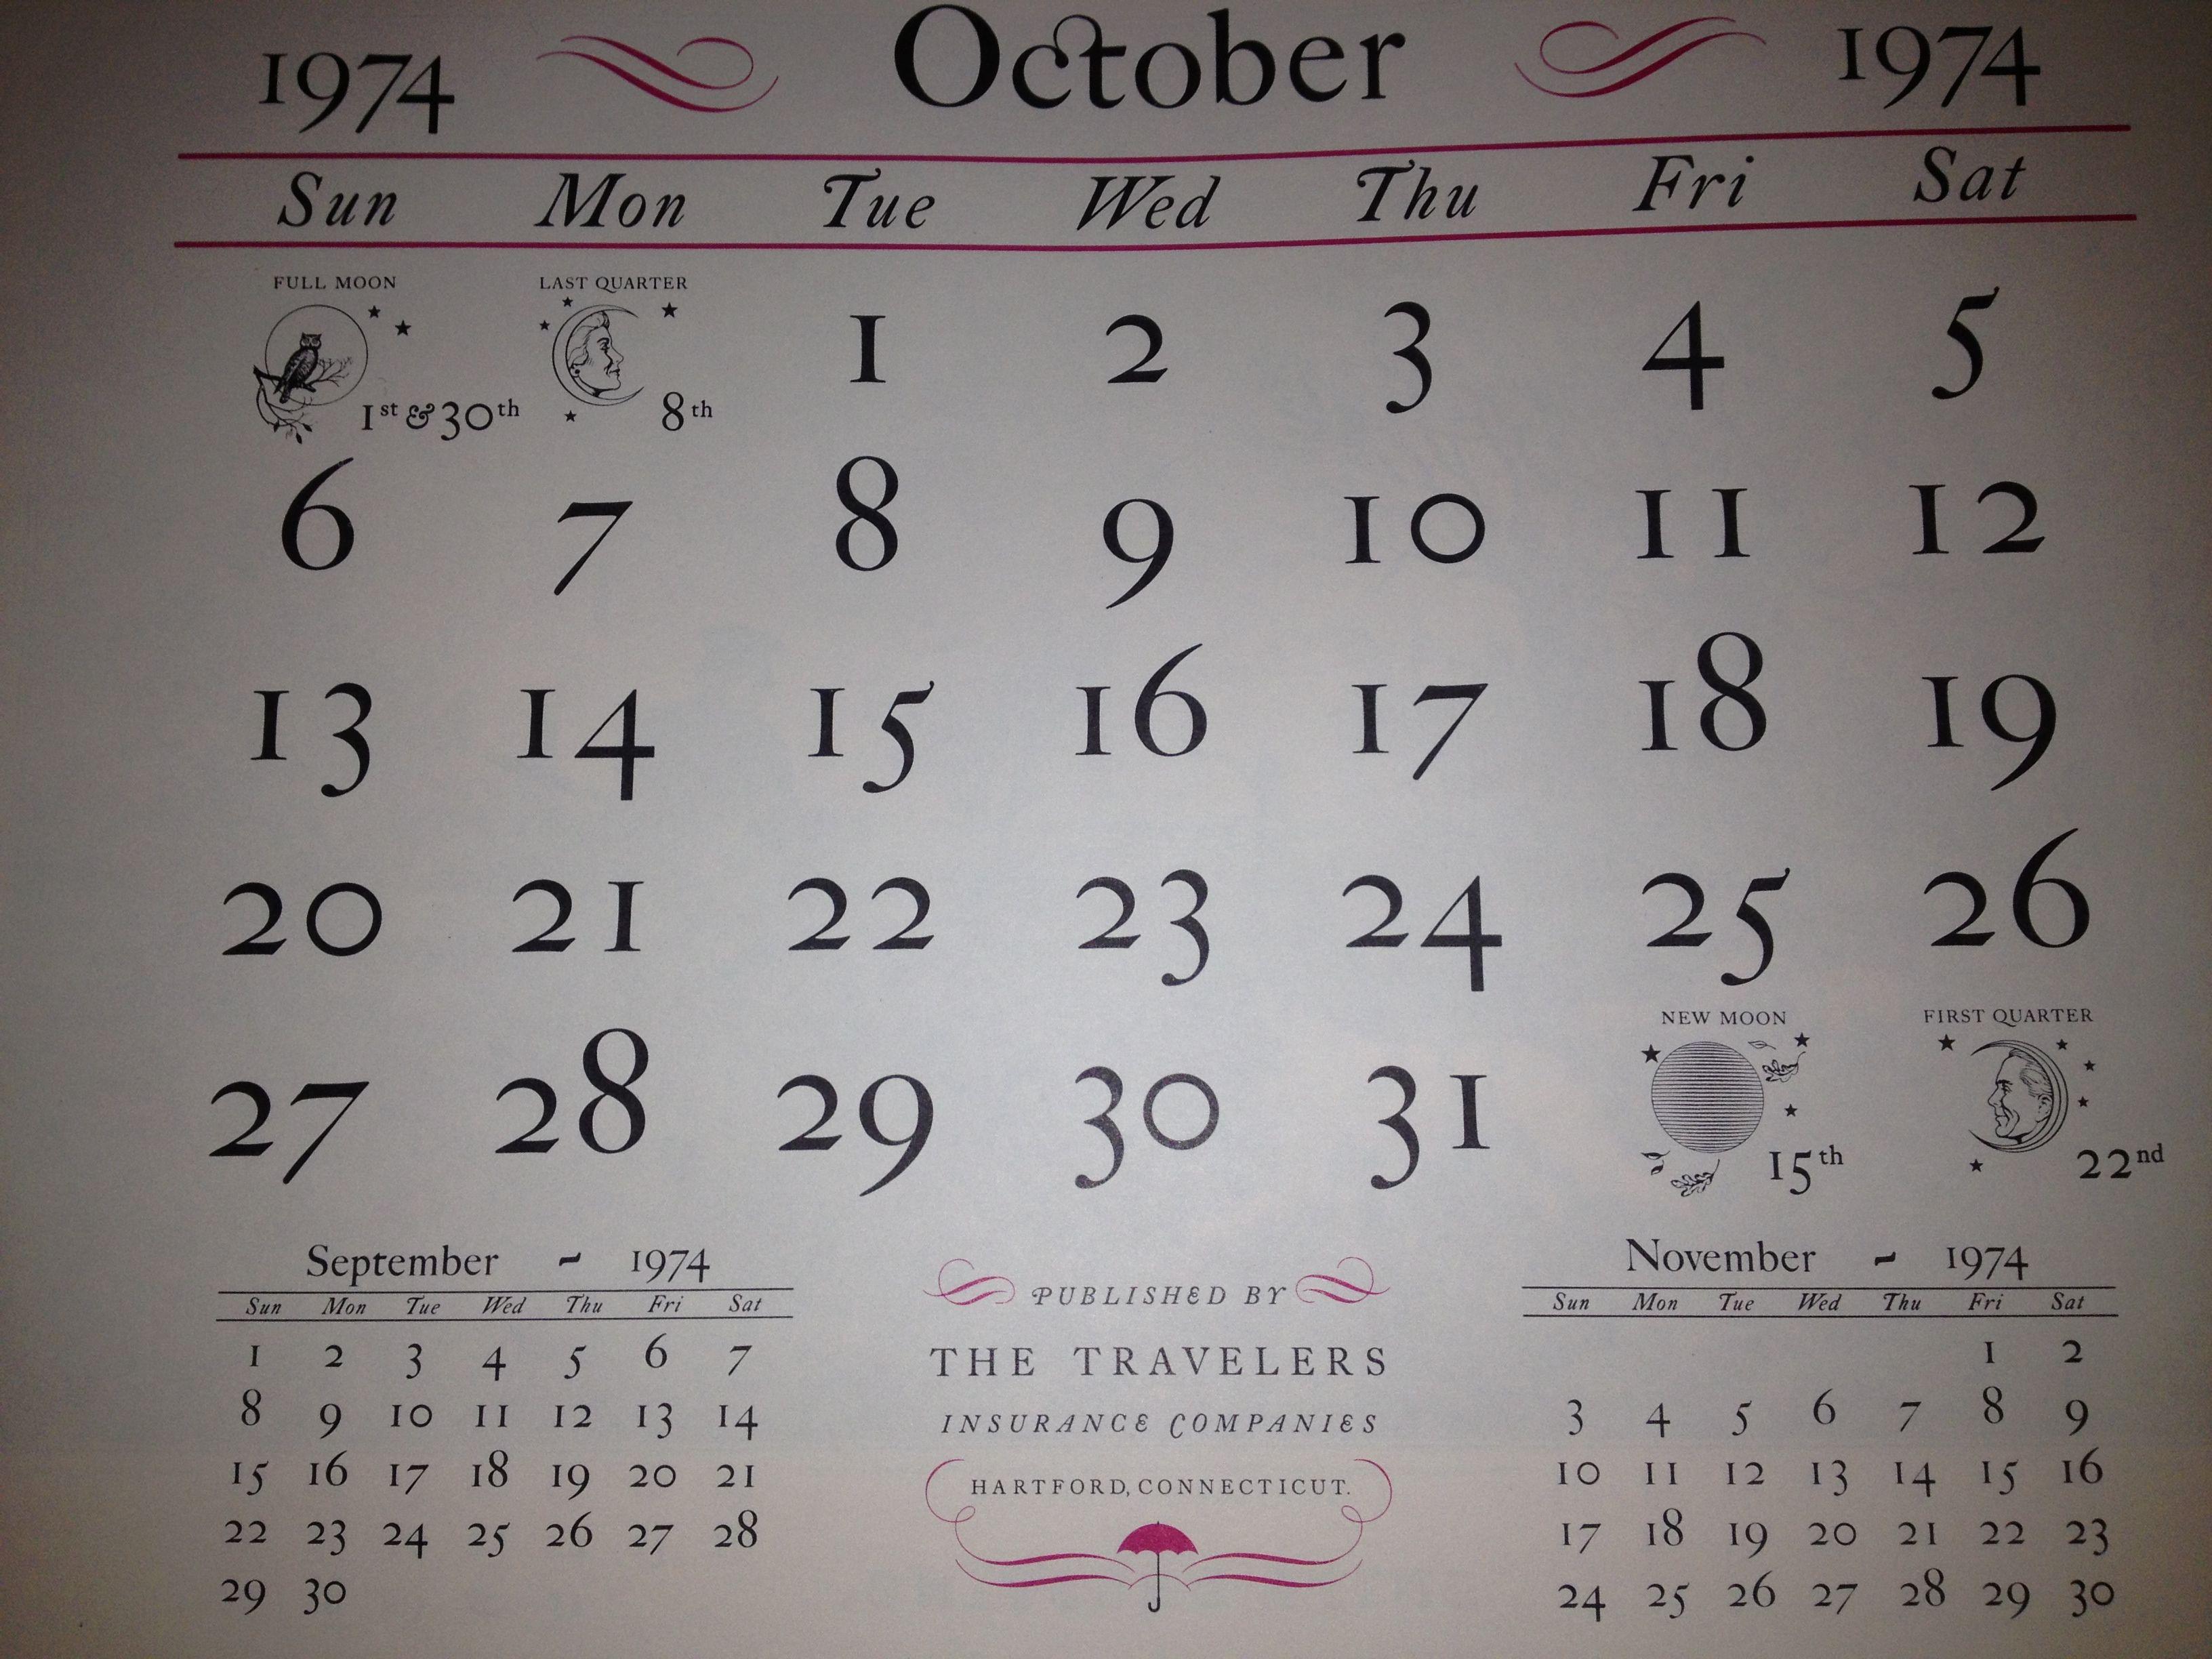 October 1974 Travelers Insurance Company Calendar Company